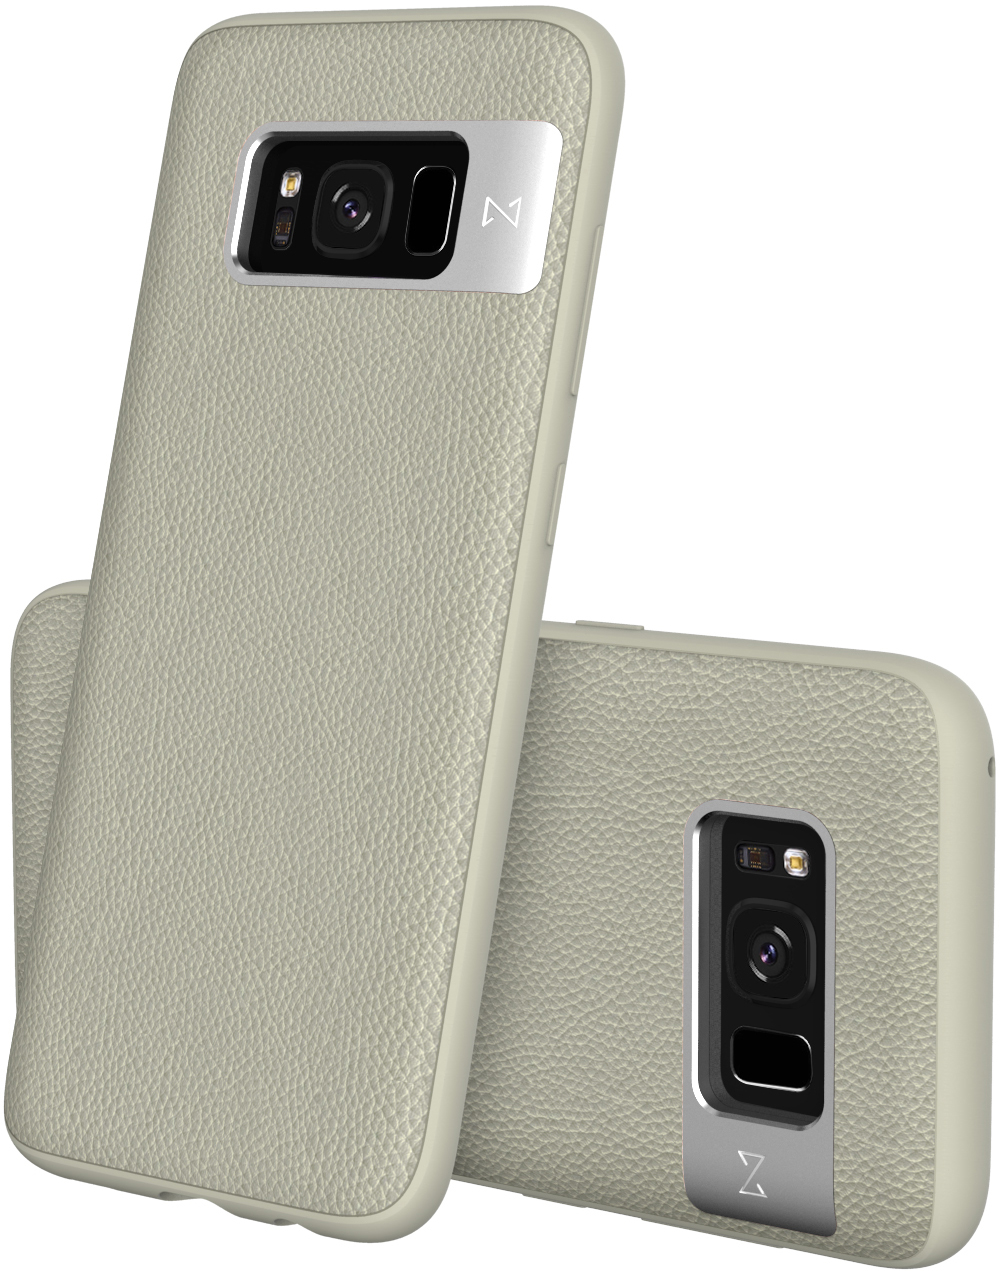 Matchnine Tailor чехол для Samsung Galaxy S8, TanENV023Чехол Matchnine Tailor - стильный аксессуар, обеспечивающий надежную защиту Samsung Galaxy S8 от ударов и других воздействий. Его задняя панель изготовлена из жесткого поликарбоната, стилизованного под кожу, а бампер - из эластичного полиуретана. Кроме того, он украшен металлической накладкой, обрамляющей камеру.Мягкая рамка позволяет быстро надевать клип-кейс. Она слегка выступает над экраном, защищая его от контактов с твердыми поверхностями.Несмотря на отличные защитные свойства, чехол практически не увеличивает размеры устройства. С ним мобильный девайс можно носить в кармане или в специальном отделении сумки. Вырезы в клип-кейсе предоставляют доступ к важнейшим деталям смартфона, включая камеры, кнопки и разъемы.